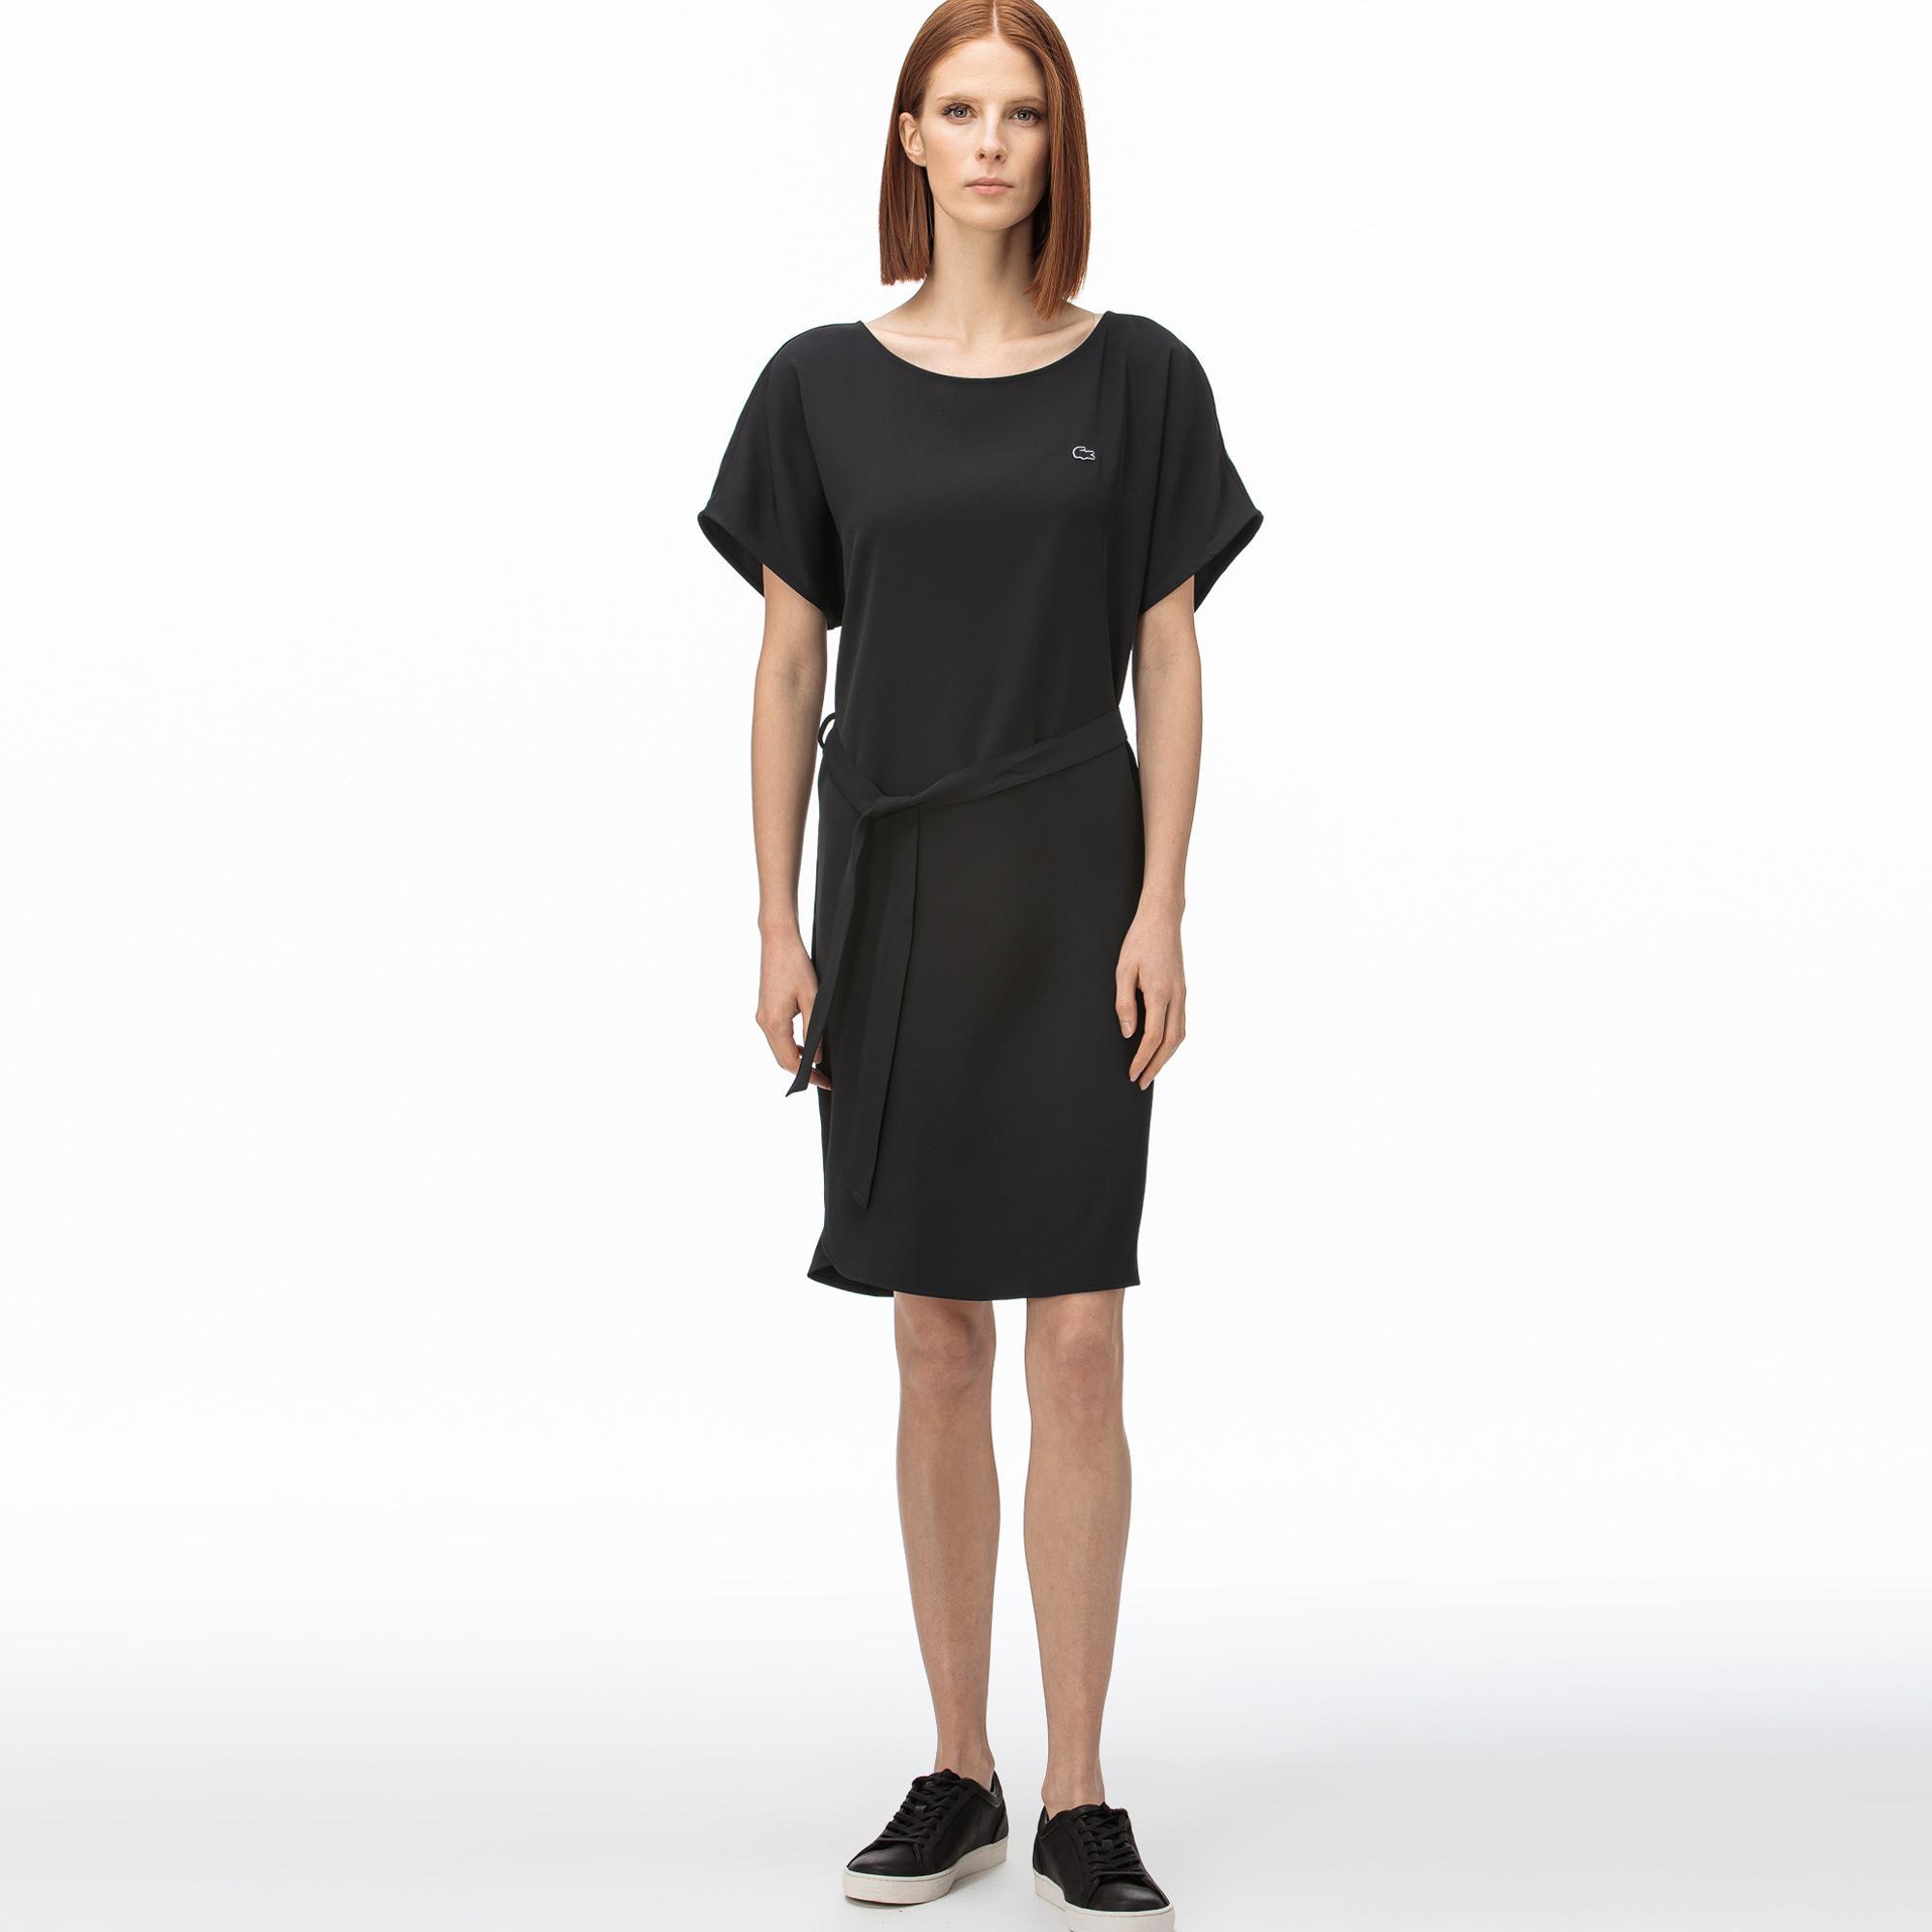 Lacoste Kadın Kayık Yaka Kısa Kollu Siyah Elbise